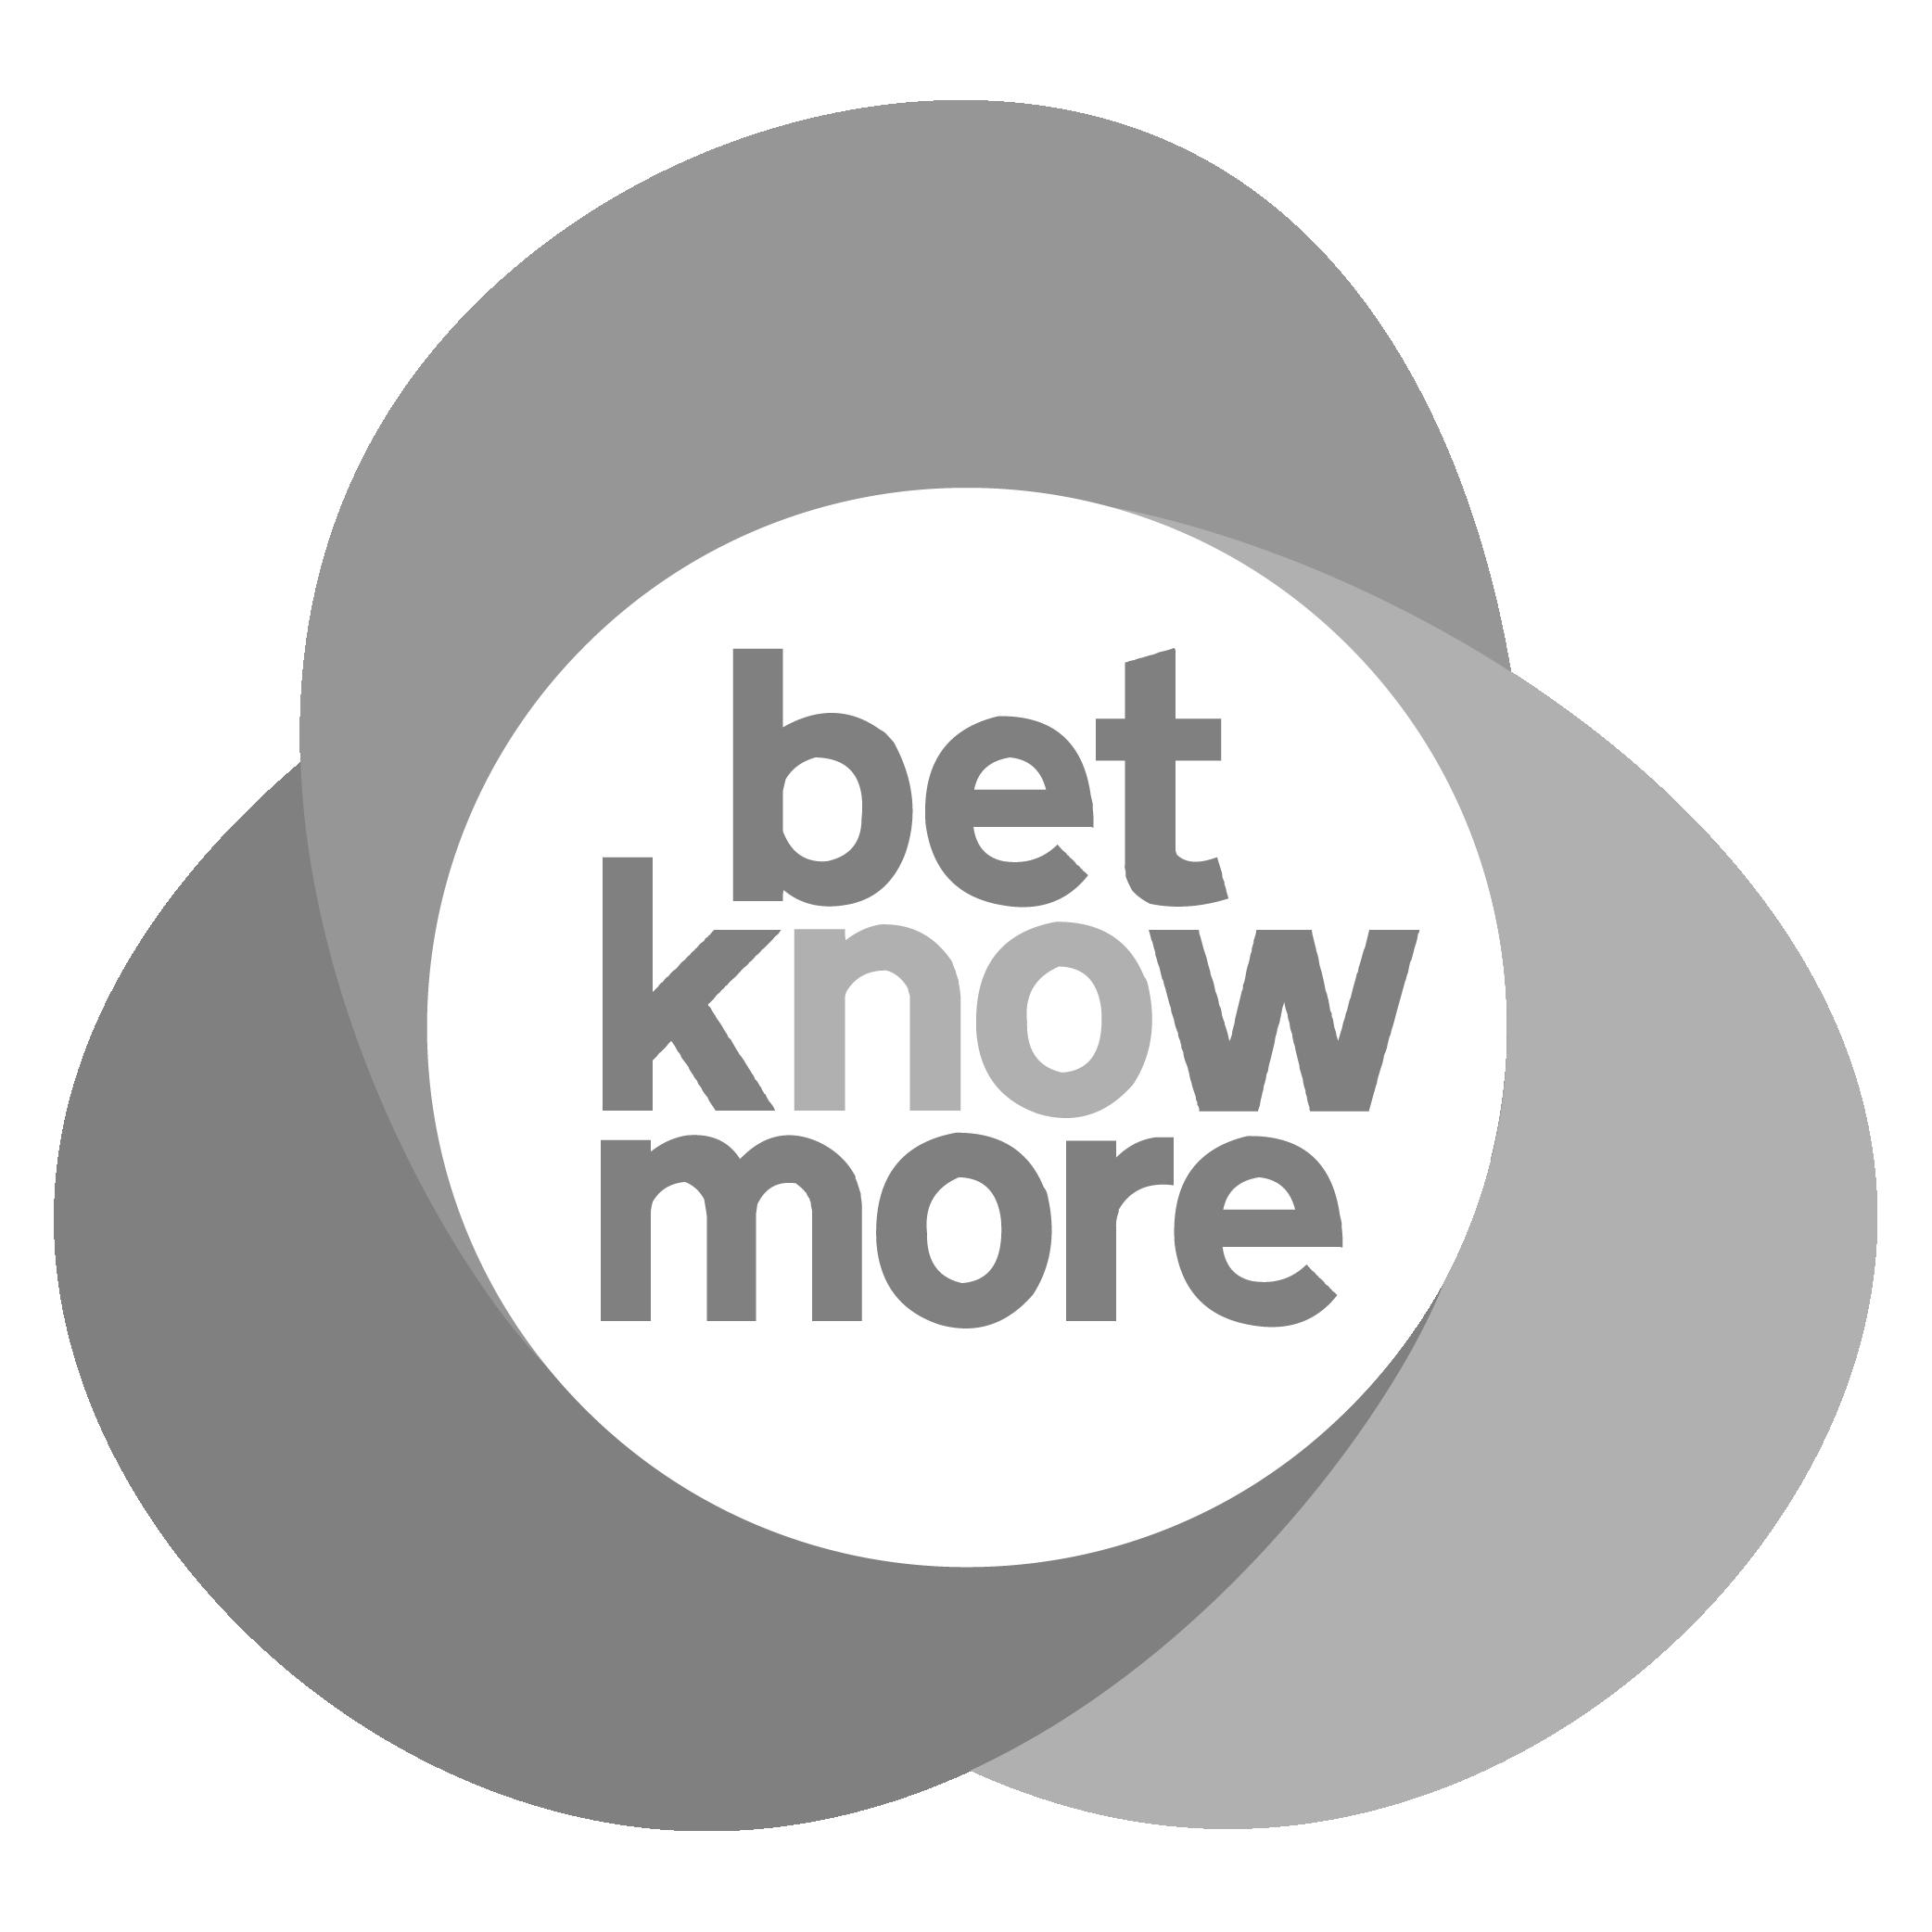 Betknowmore greyscale logo